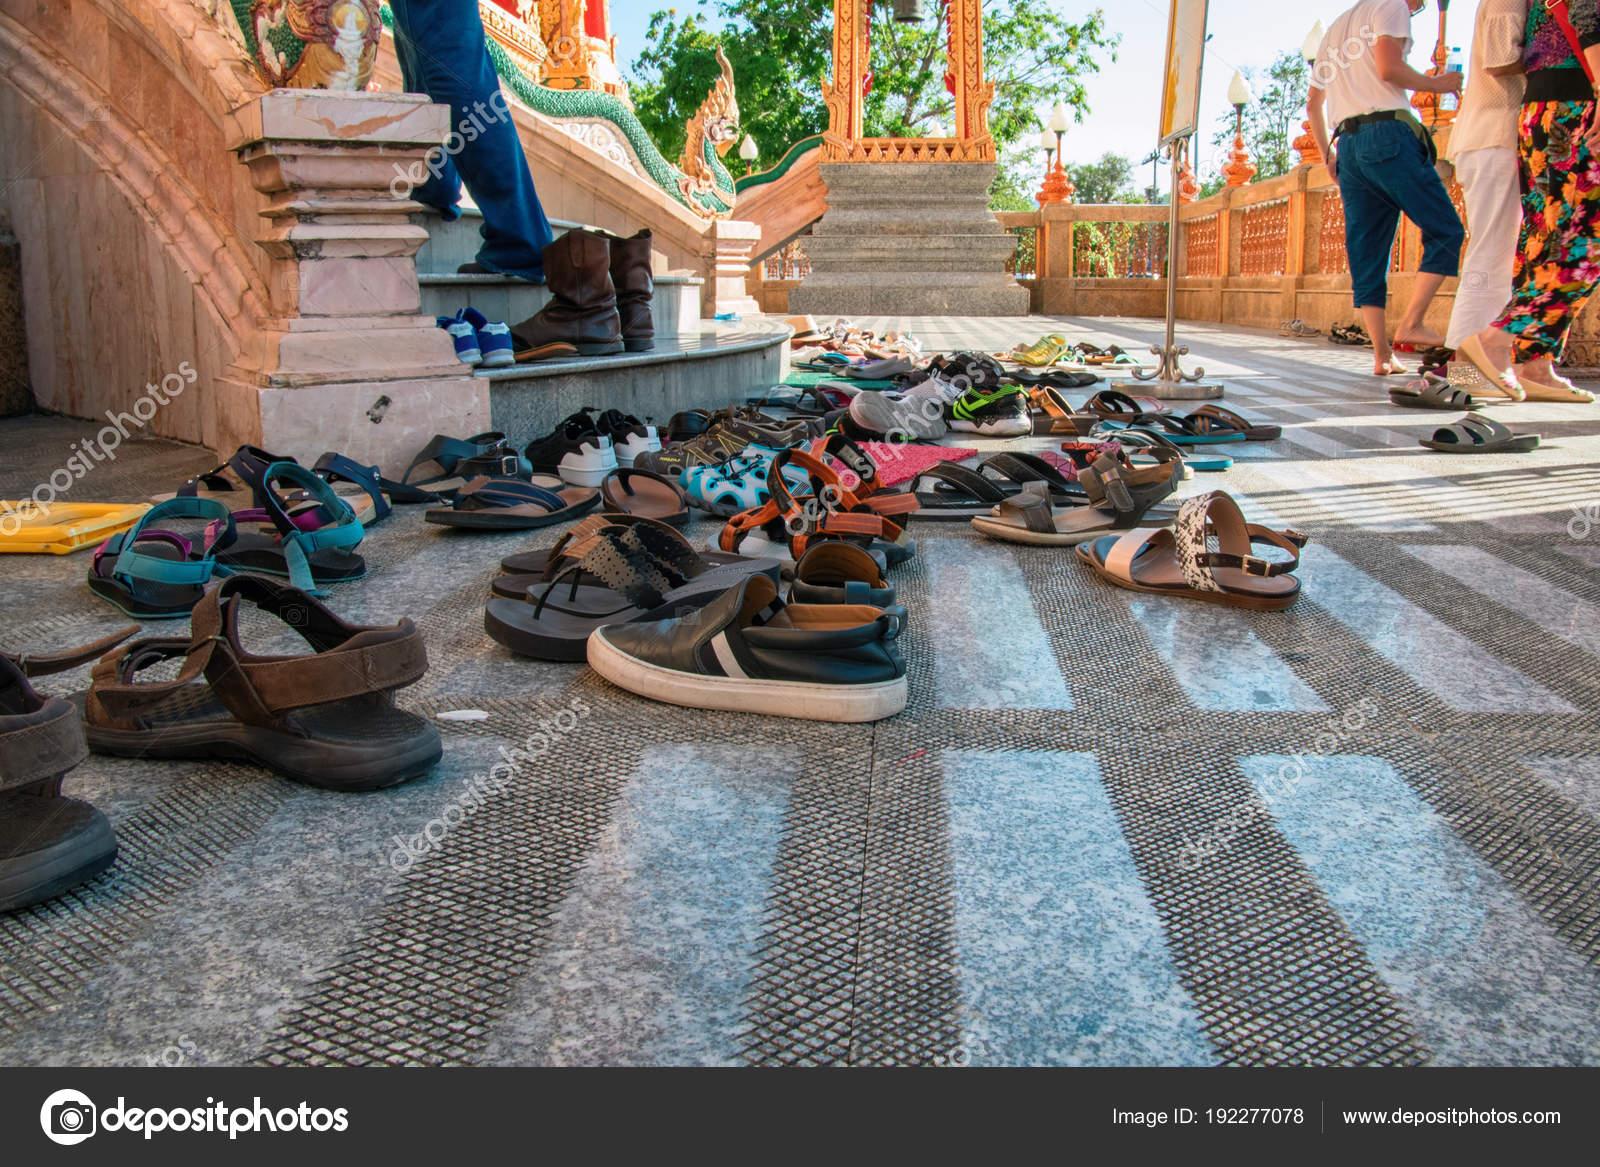 outlet store a0073 a415f Schuhe links am Eingang zum buddhistischen Tempel. Konzept ...